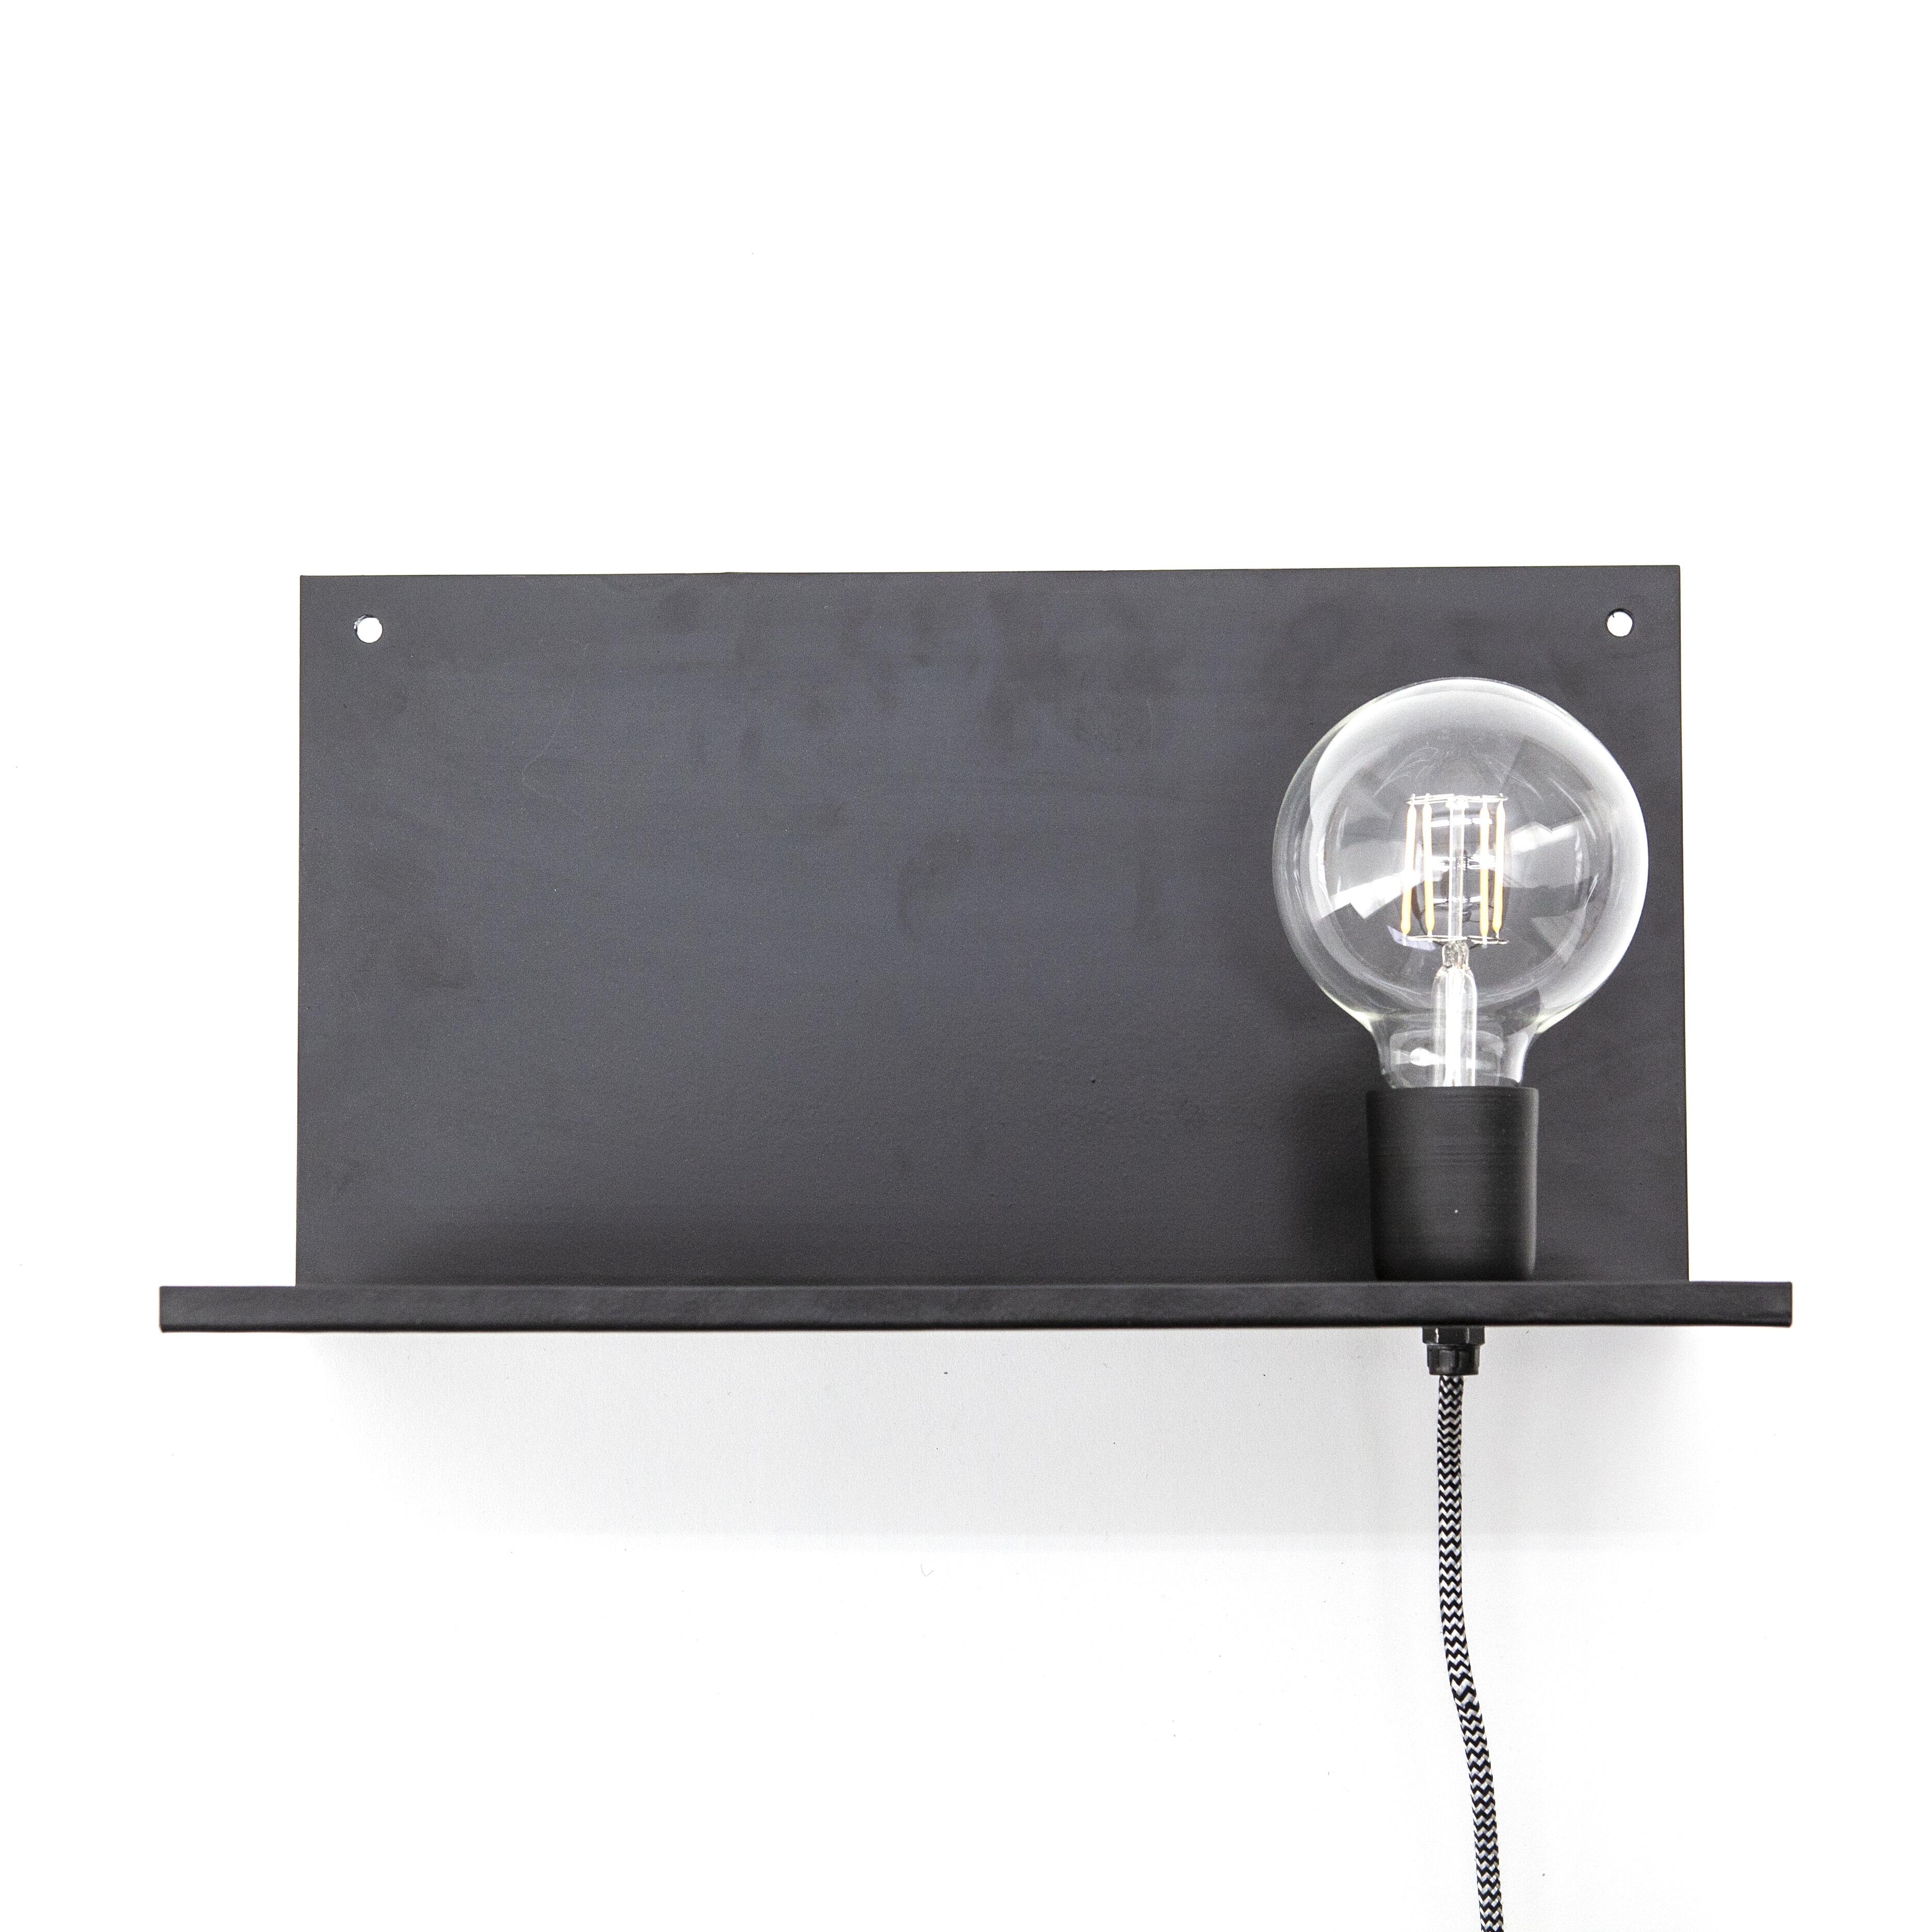 Verlichting kopen van By-Boo